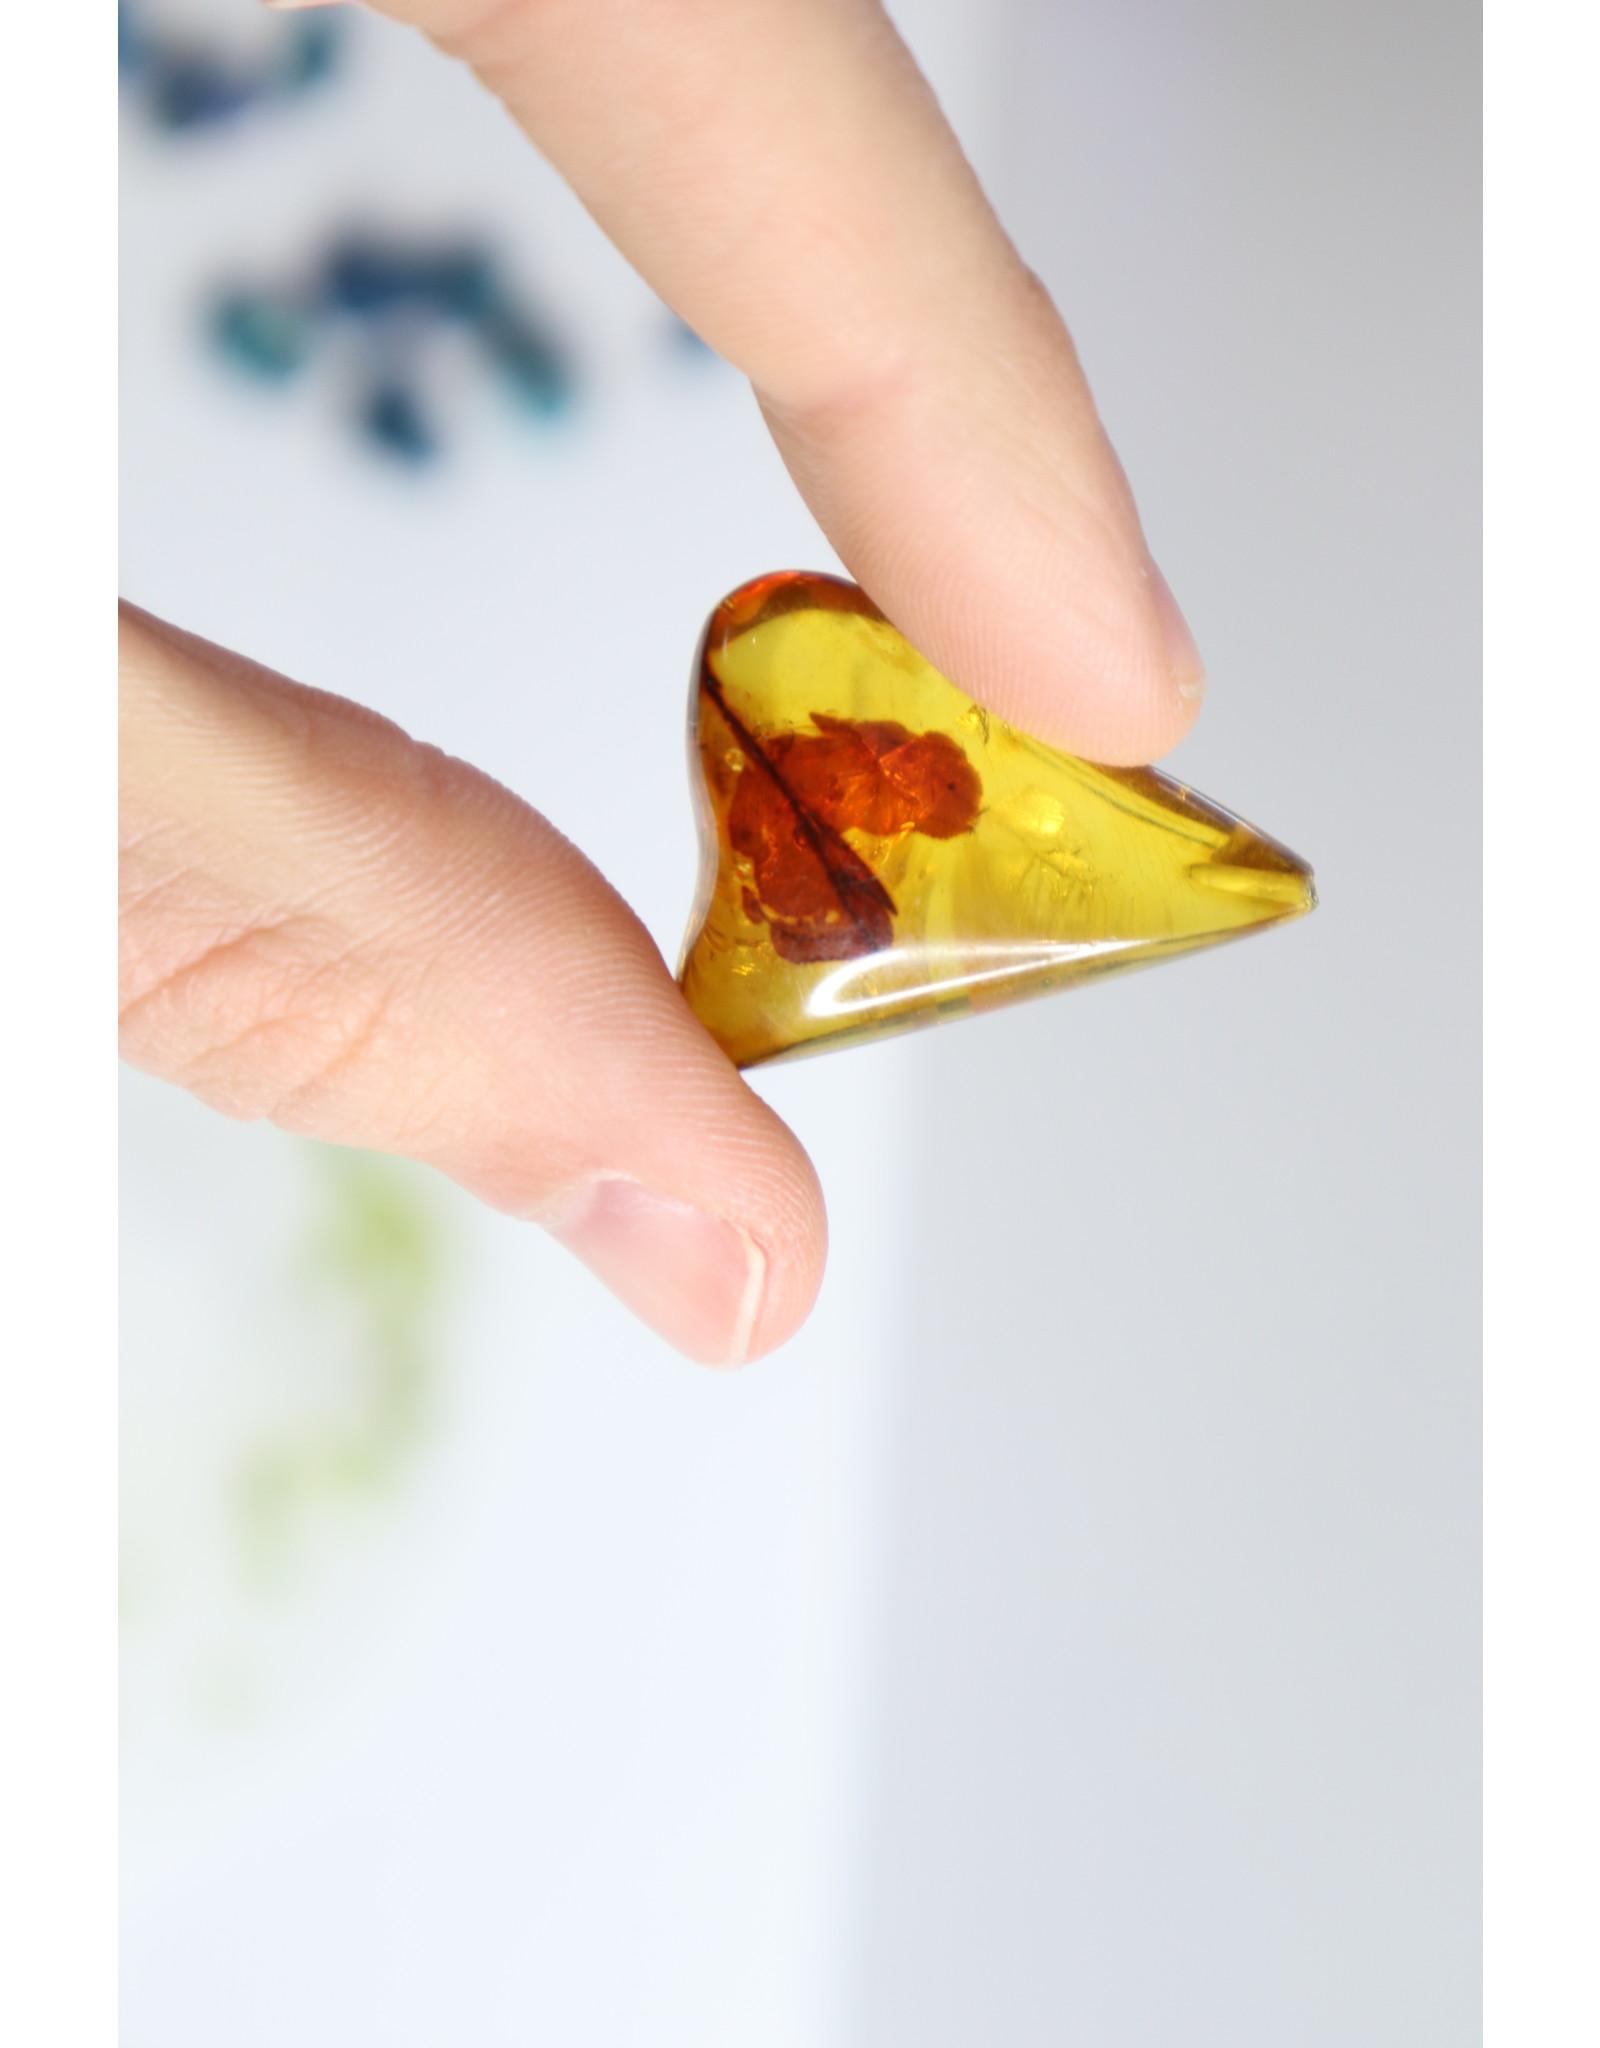 Amber Specimen with Leaf